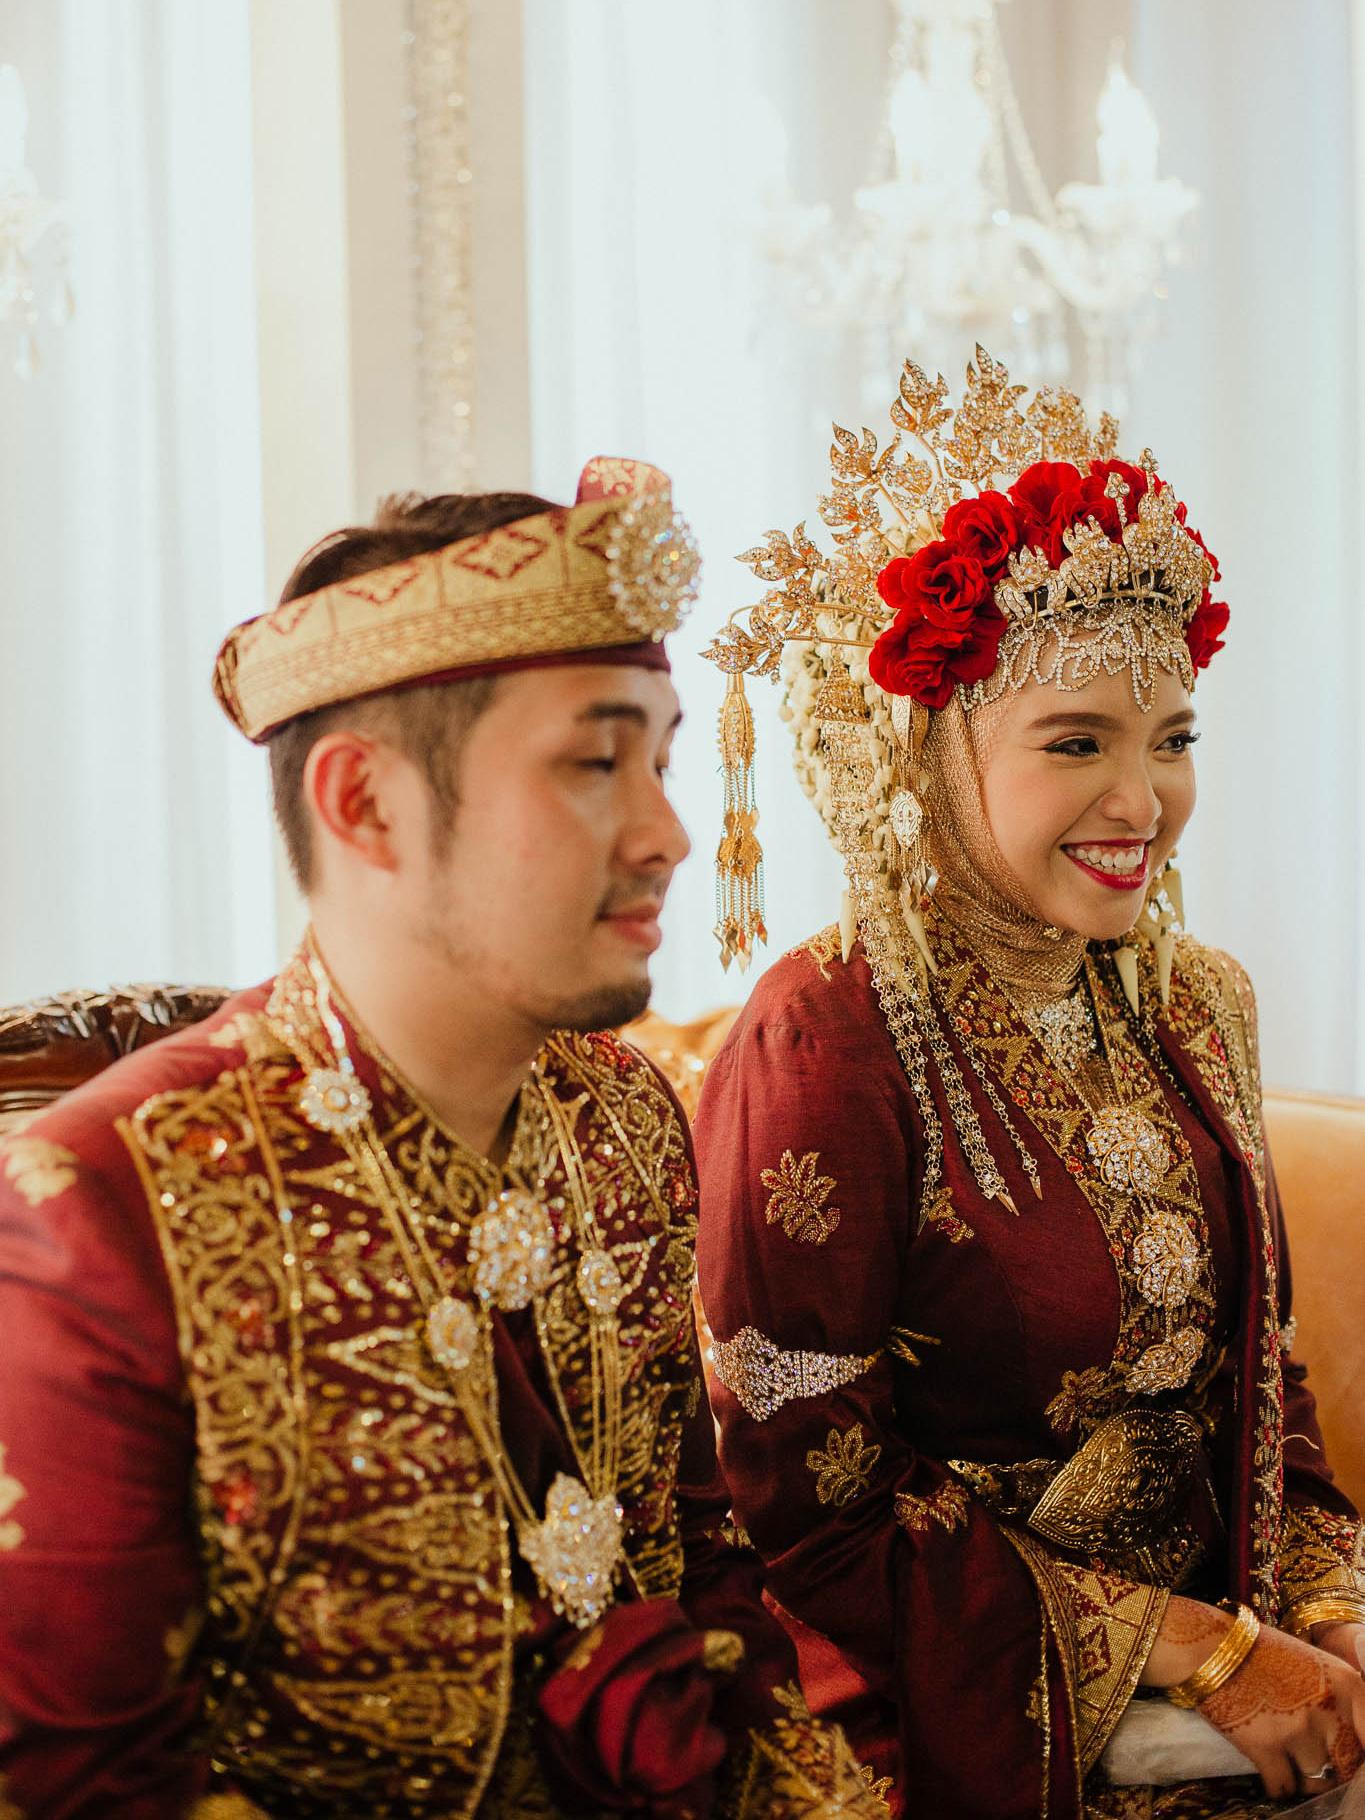 singapore-wedding-photographer-travel-wemadethese-atara-hafizah-54.jpg